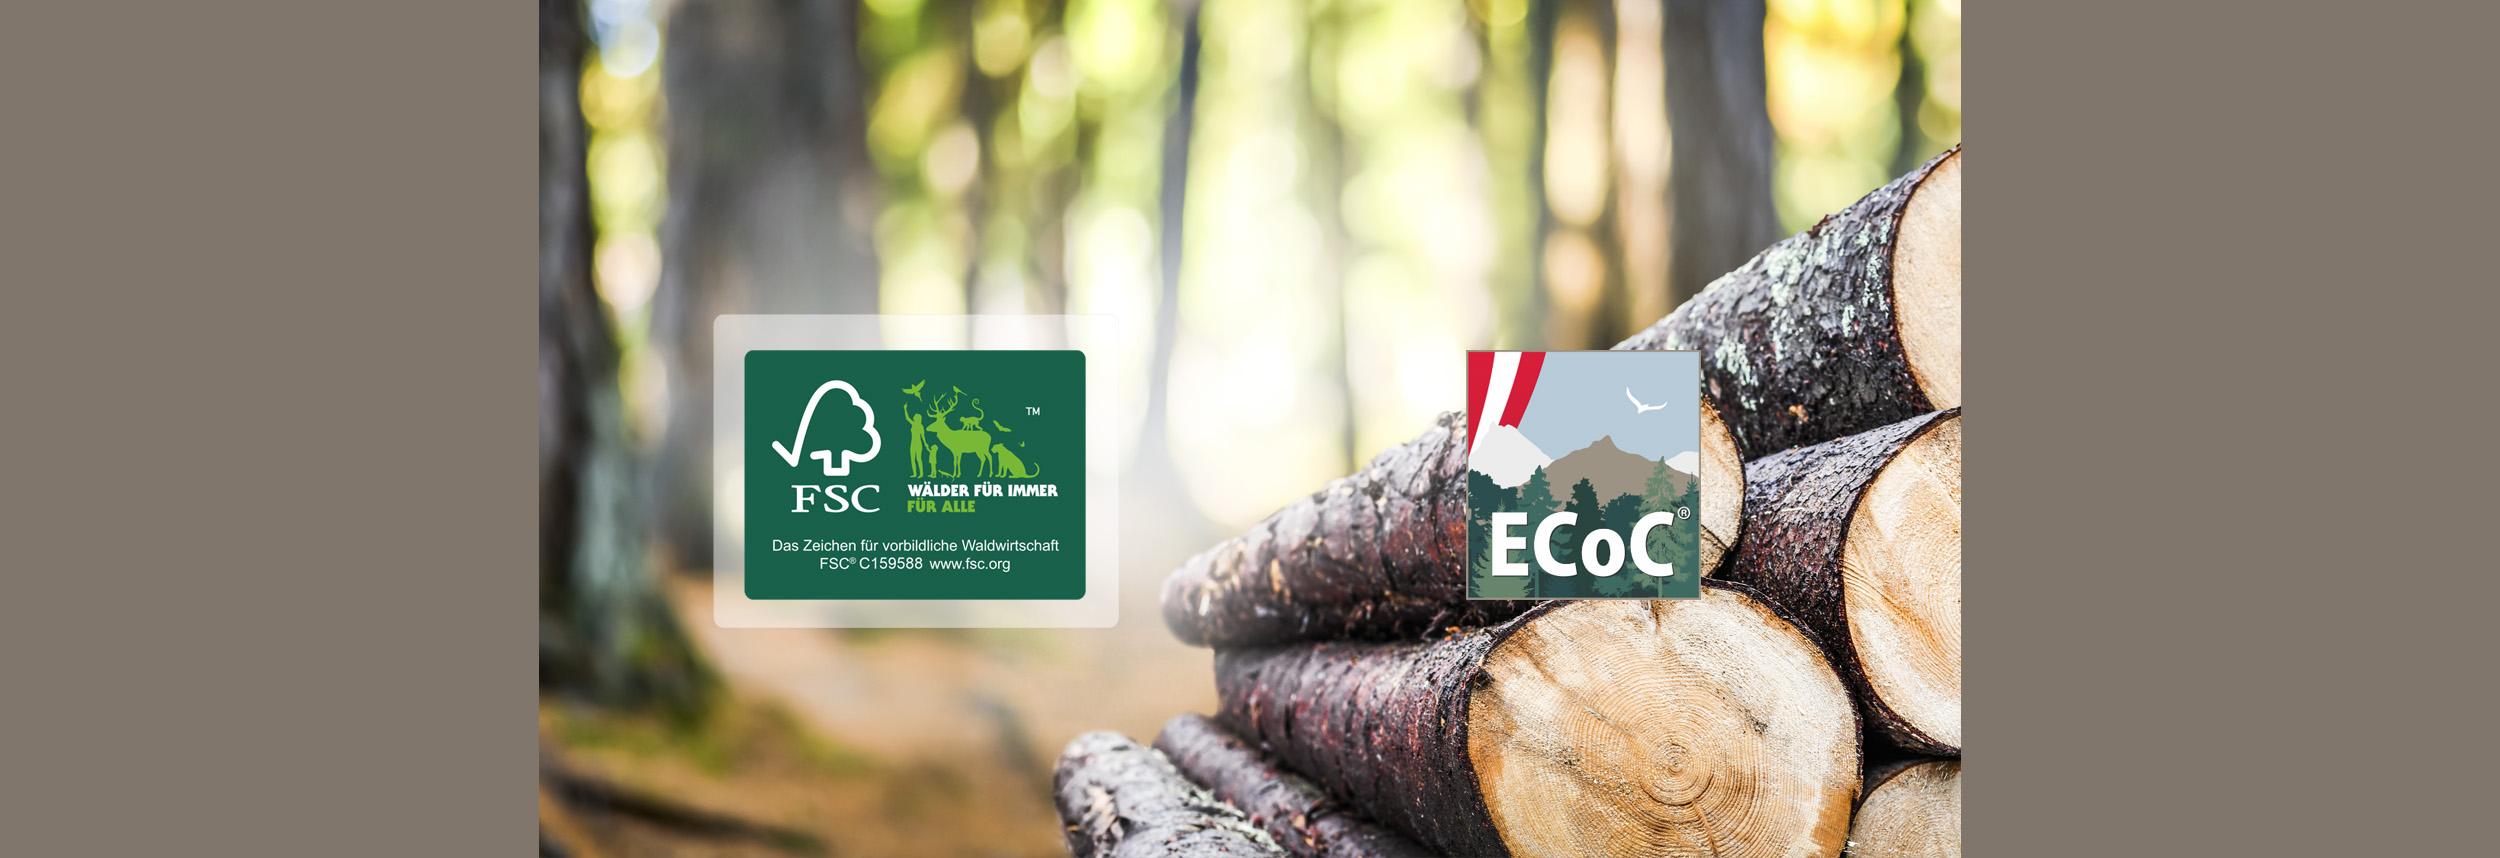 ECoC FSC Gruppenzertifizierung